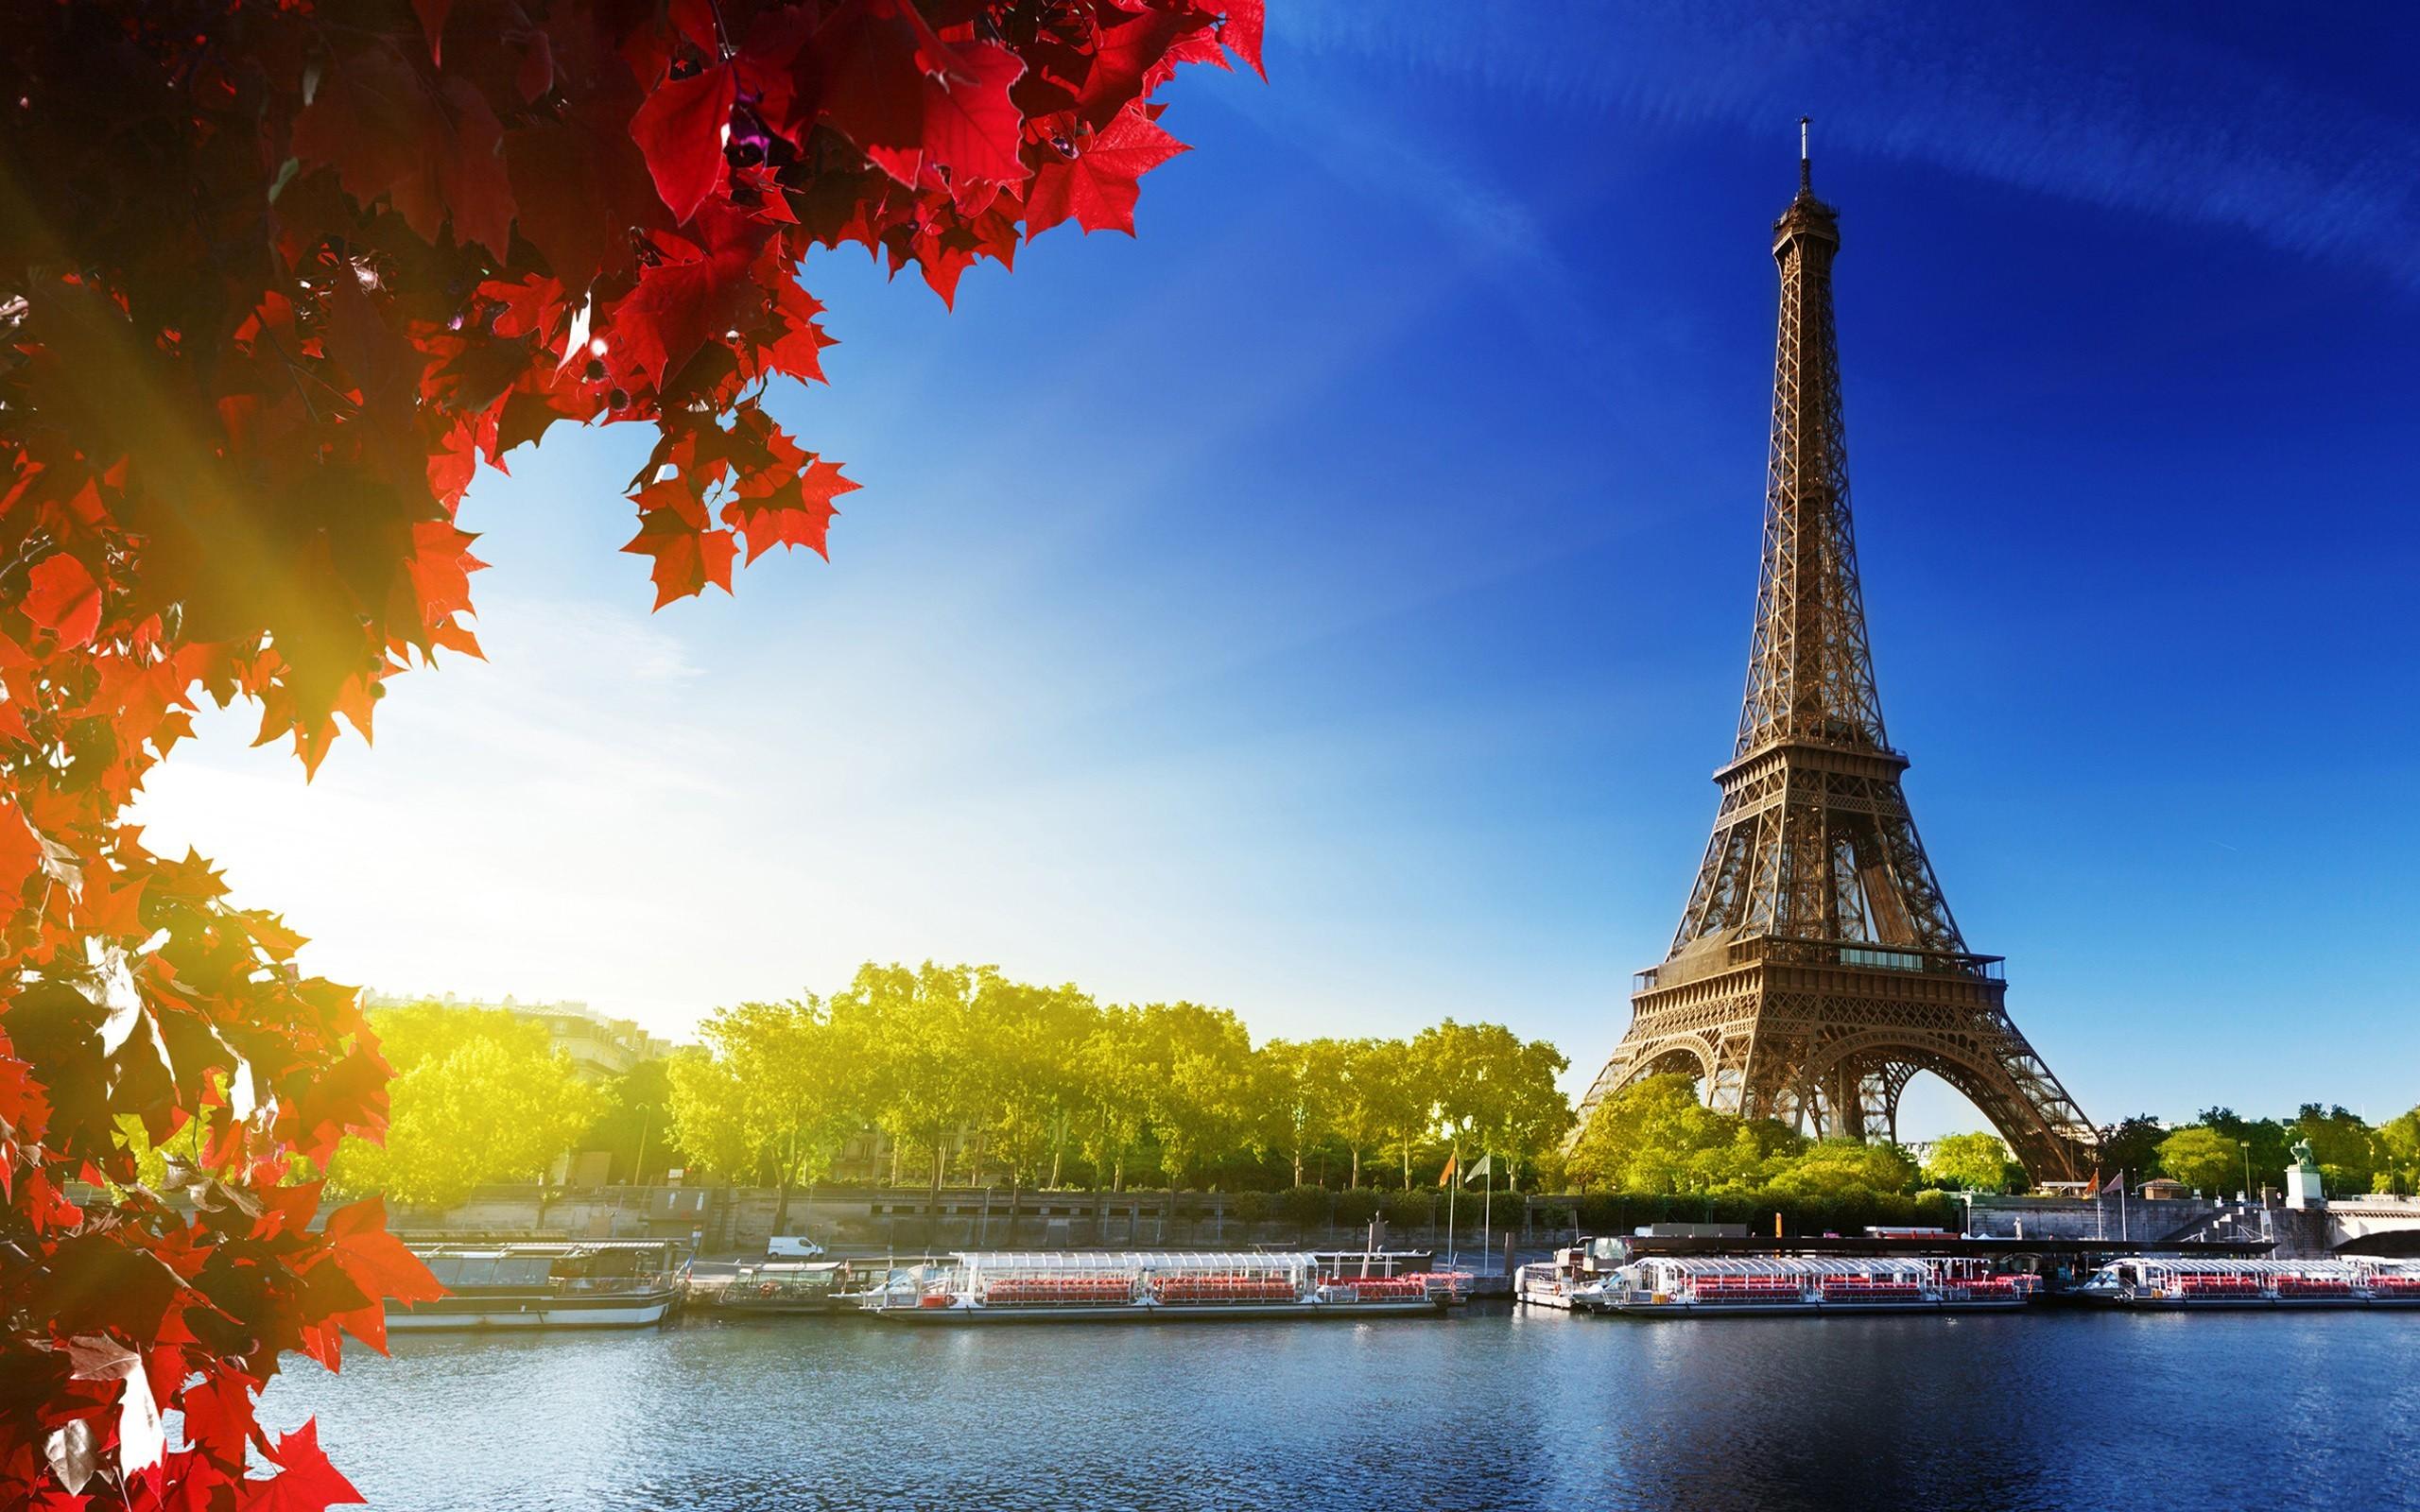 Эйфелеву башню закрыли для посещения после попытки незаконного проникновения